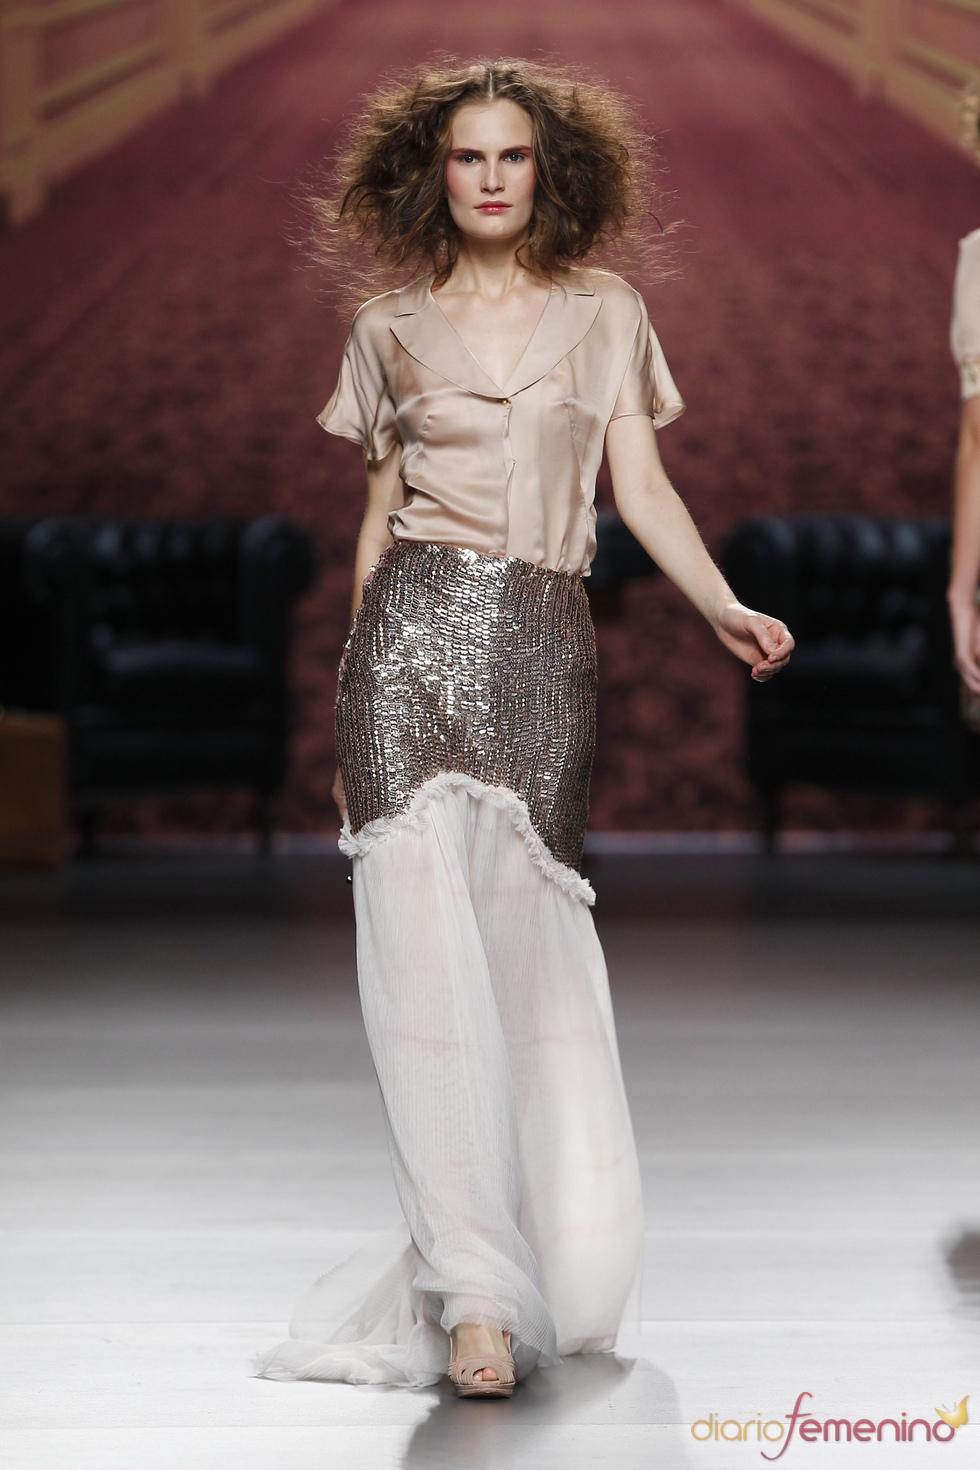 Vestido blanco y crudo. Alma Aguilar. Cibeles Madrid Fashion Week 2011